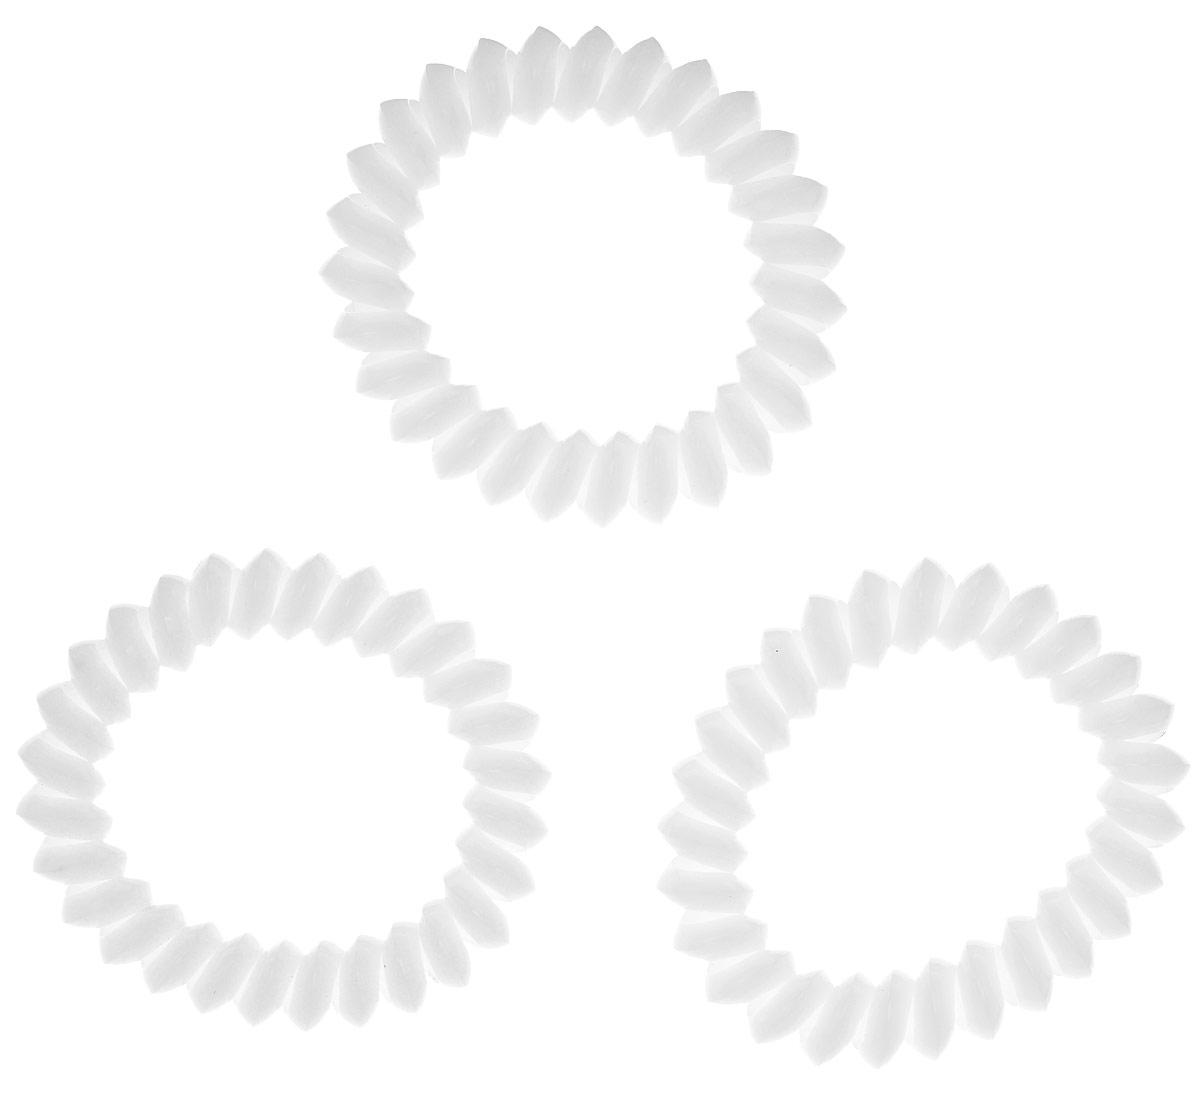 Резинка для волос Mitya Veselkov Cloudy White, цвет: белый, 3 шт. ELASTIC-BR-WHITEMP59.4DЯркие резинки-браслеты Mitya Veselkov выполнены из качественного ПВХ. Столь необычная форма резинок дает множество преимуществ. Резинка не оставляет заломов на волосах. При длительном ношении, снимая ее, вы не почувствуете усталость волос.Оригинально смотрится на волосах. Отлично сохраняет свою форму и надежно фиксирует прическу. Не мокнет. Не травмирует волосы. В отличие от обычных резинок, нет трения, зажимов отдельных волосков или прядей.Также их можно использовать как стильные браслеты.